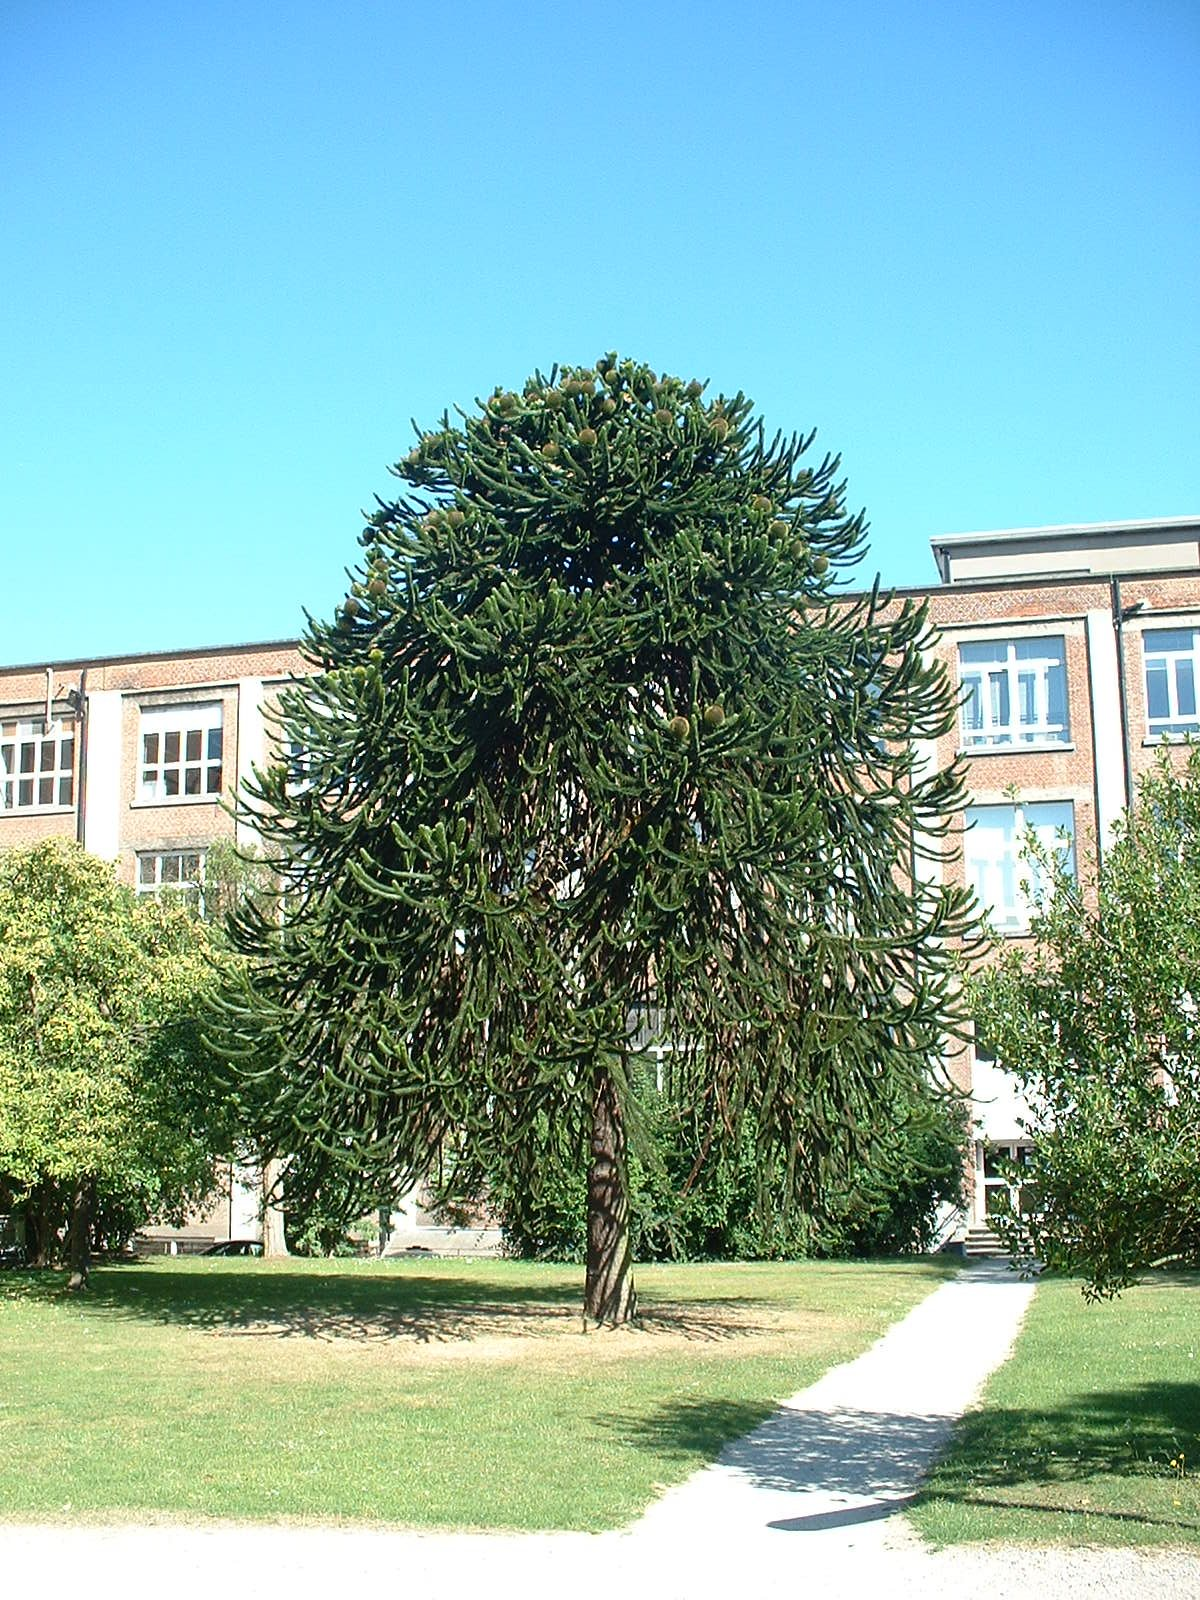 Araucaria du Chili – Bruxelles, Université Libre de Bruxelles - Solbosch, école –  15 Juillet 2003